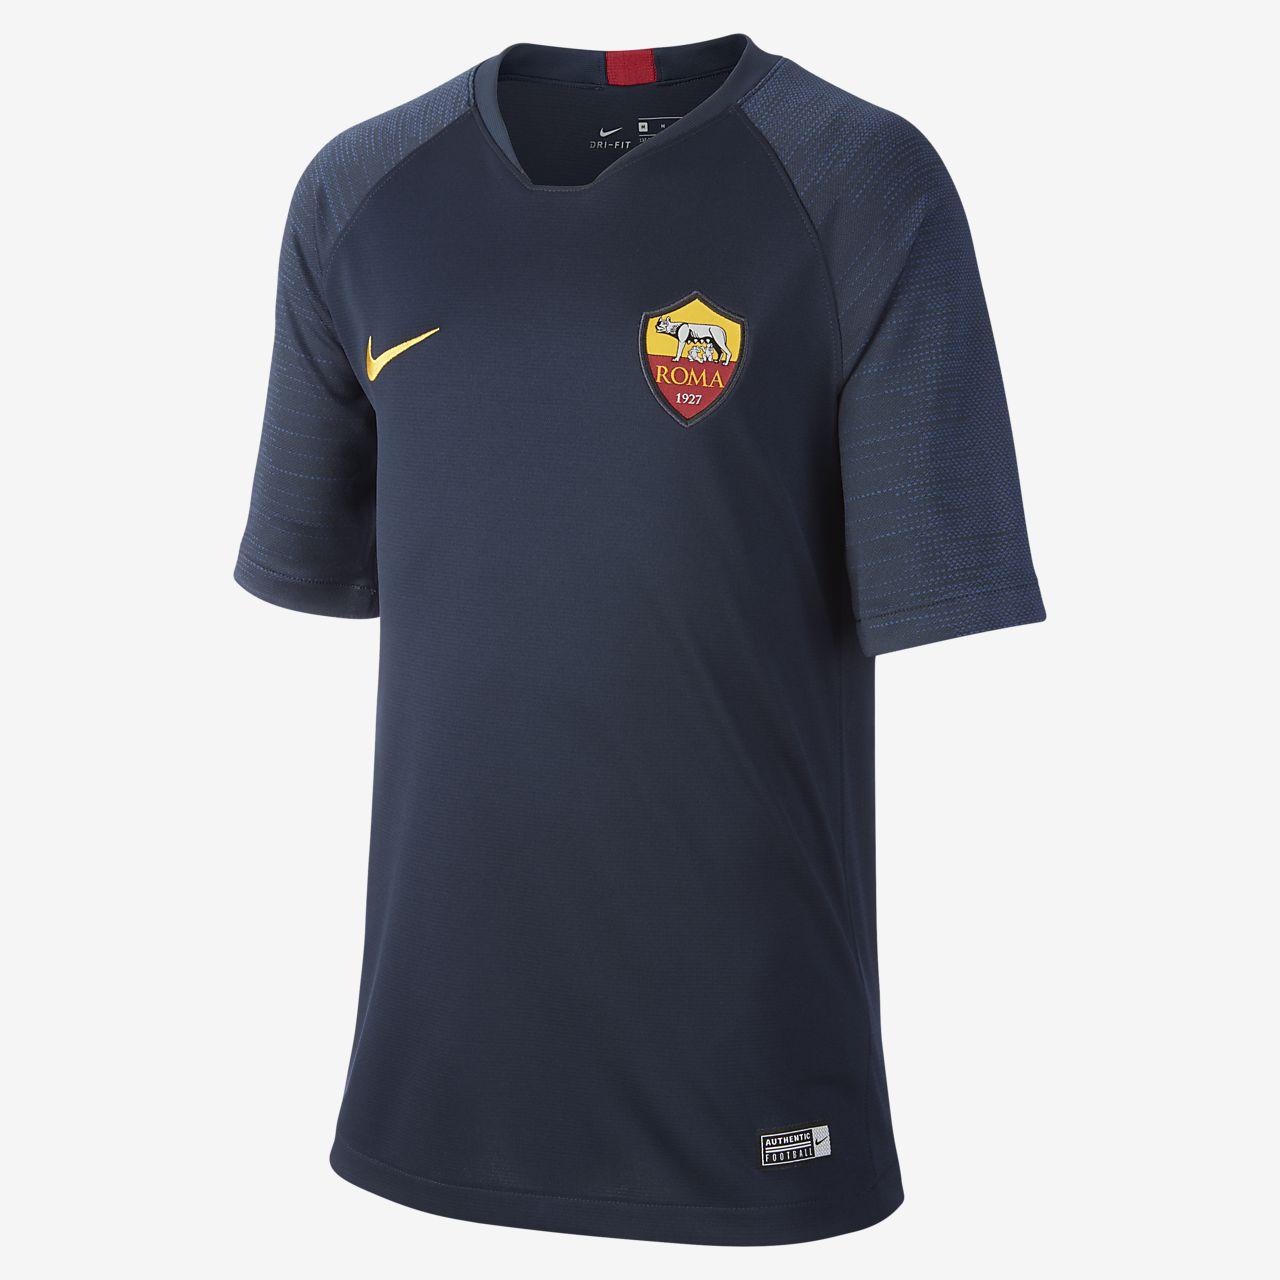 Nike Breathe A.S. Roma Strike rövid ujjú futballfelső nagyobb gyerekeknek